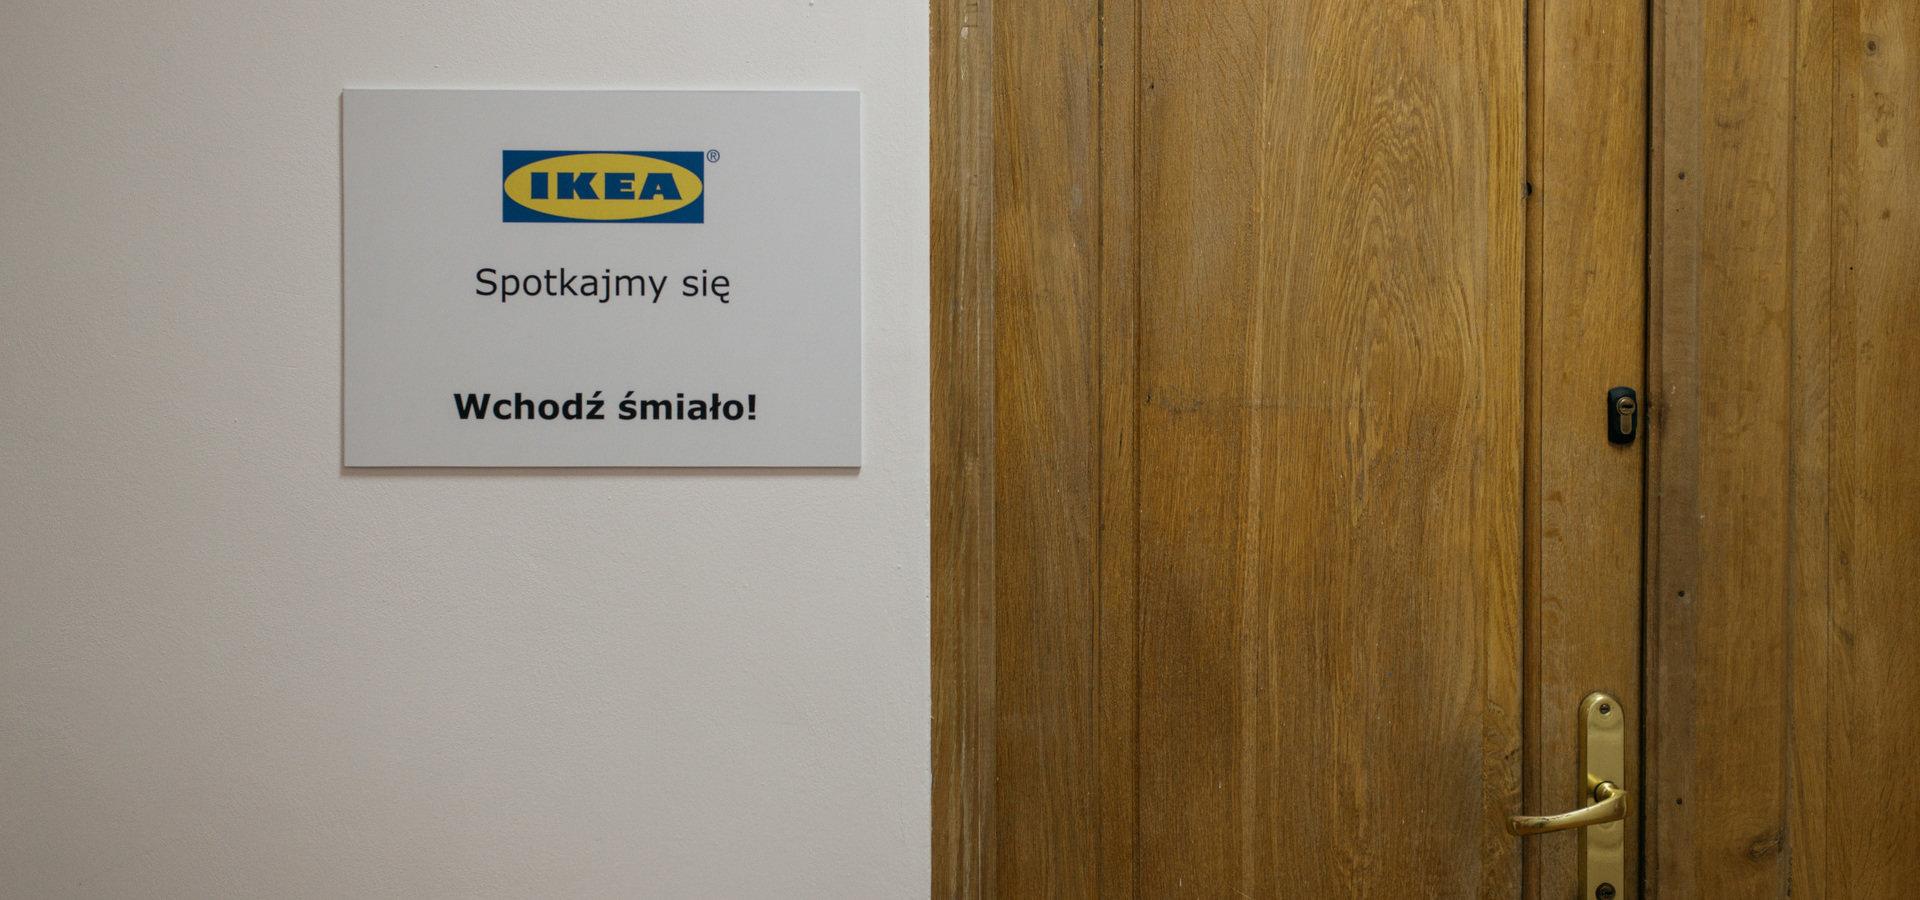 IKEA zbiera pomysły na projekty społeczne od mieszkańców Lublina